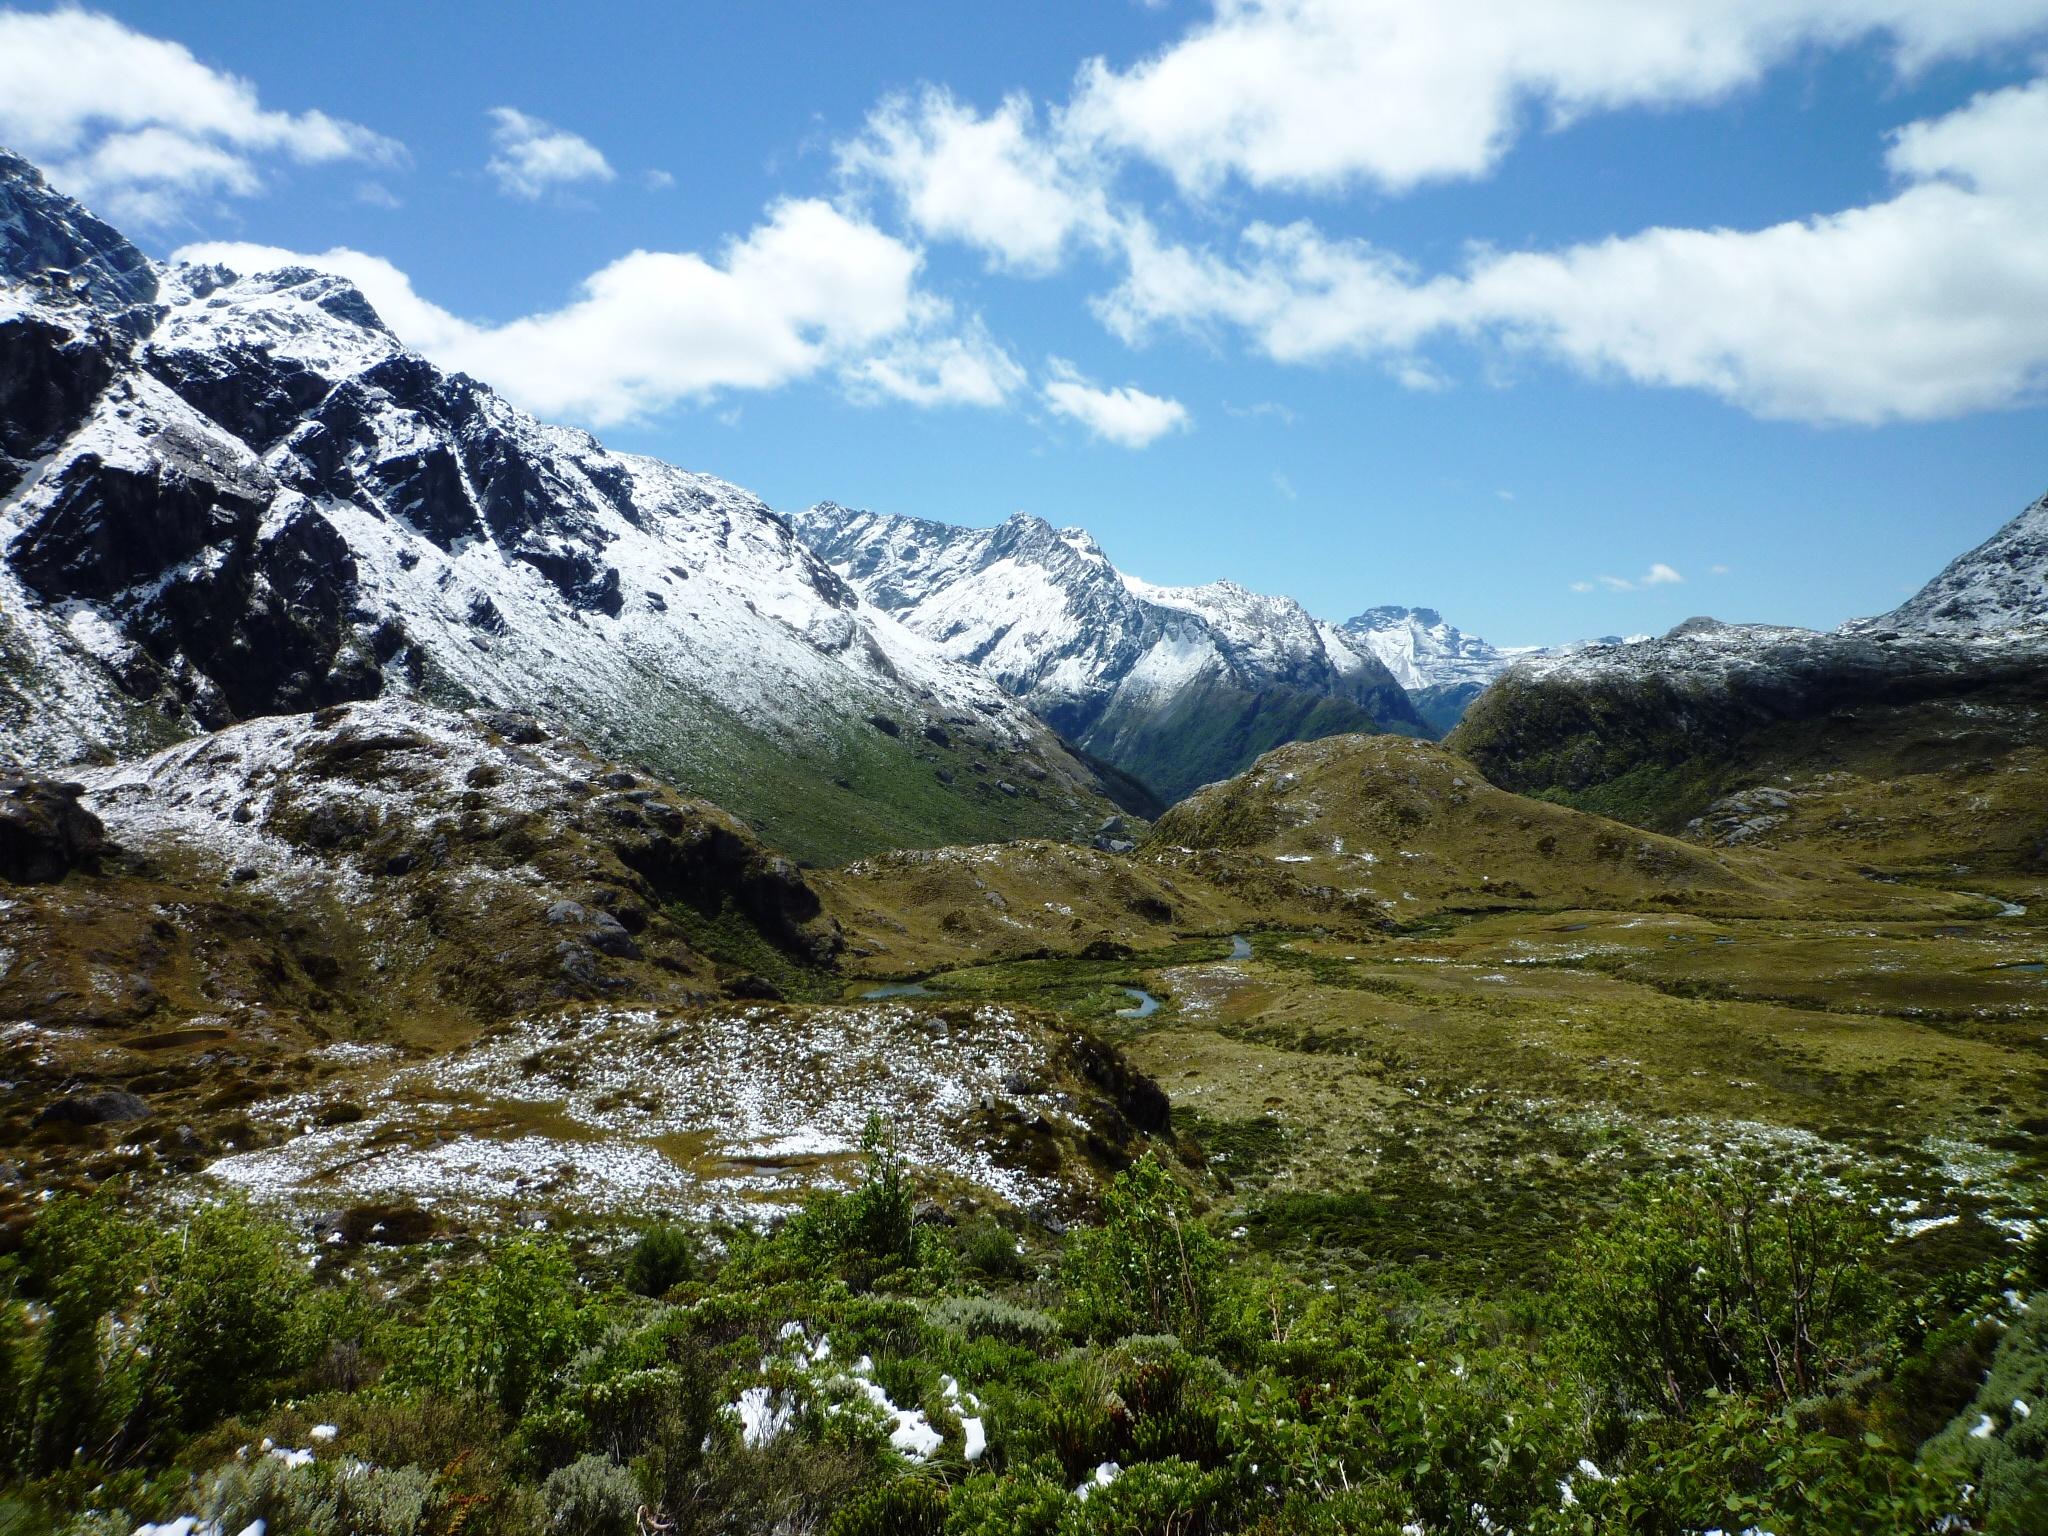 努力なしには辿り着けない絶景!ニュージーランドでグレート・ウォークを歩こう